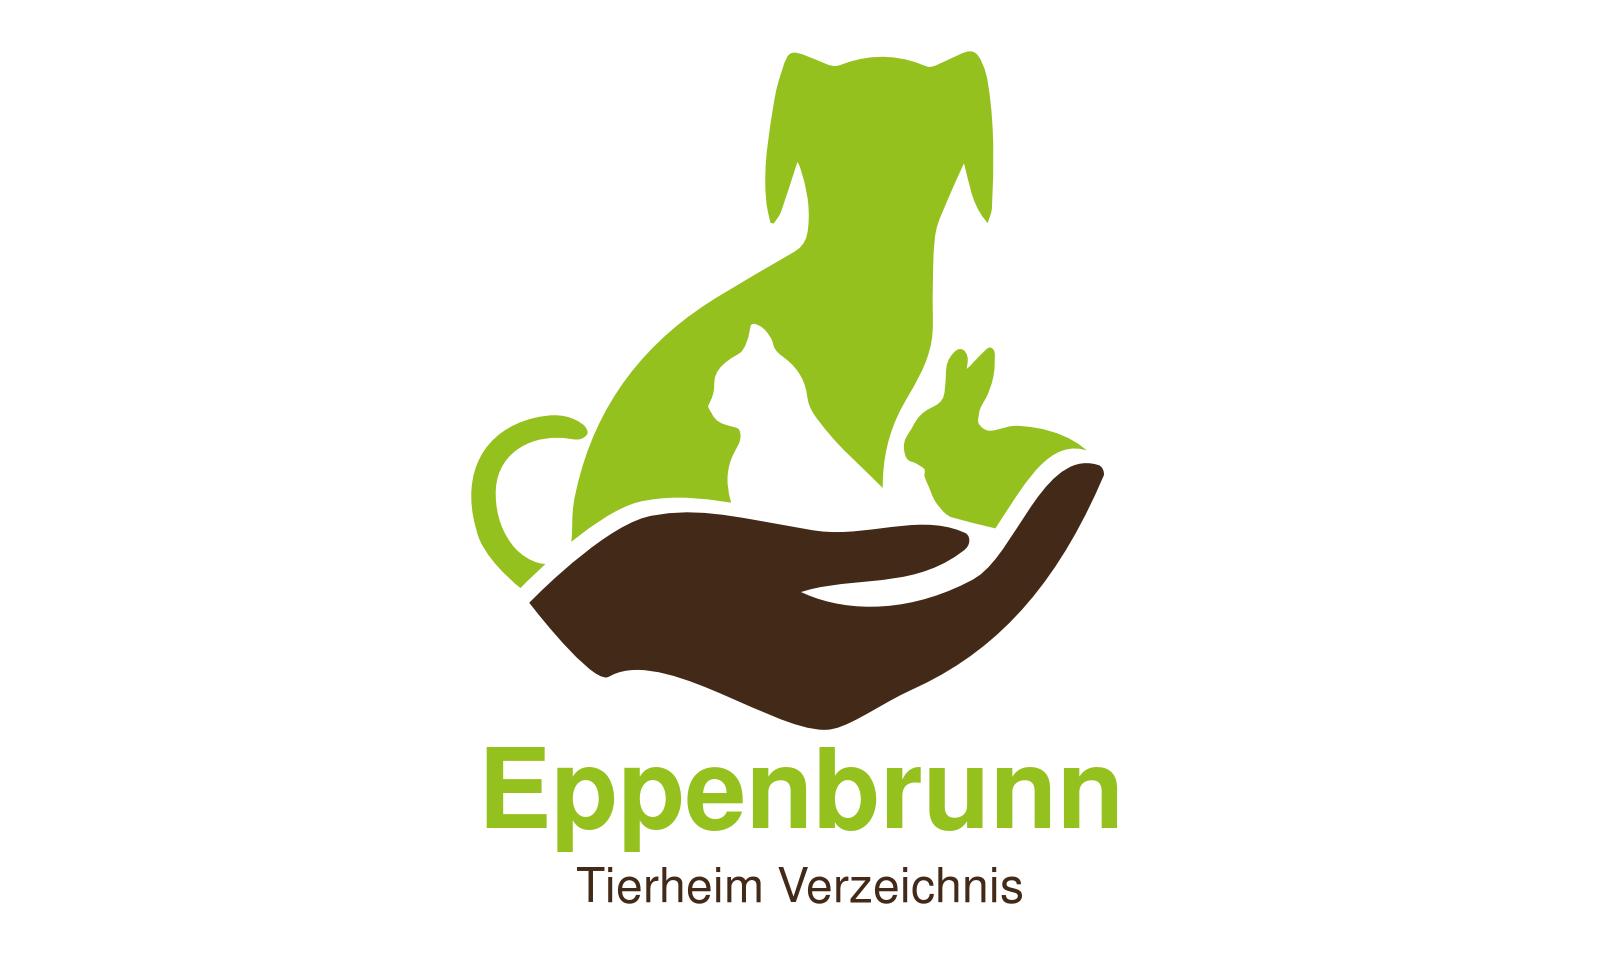 Tierheim Eppenbrunn